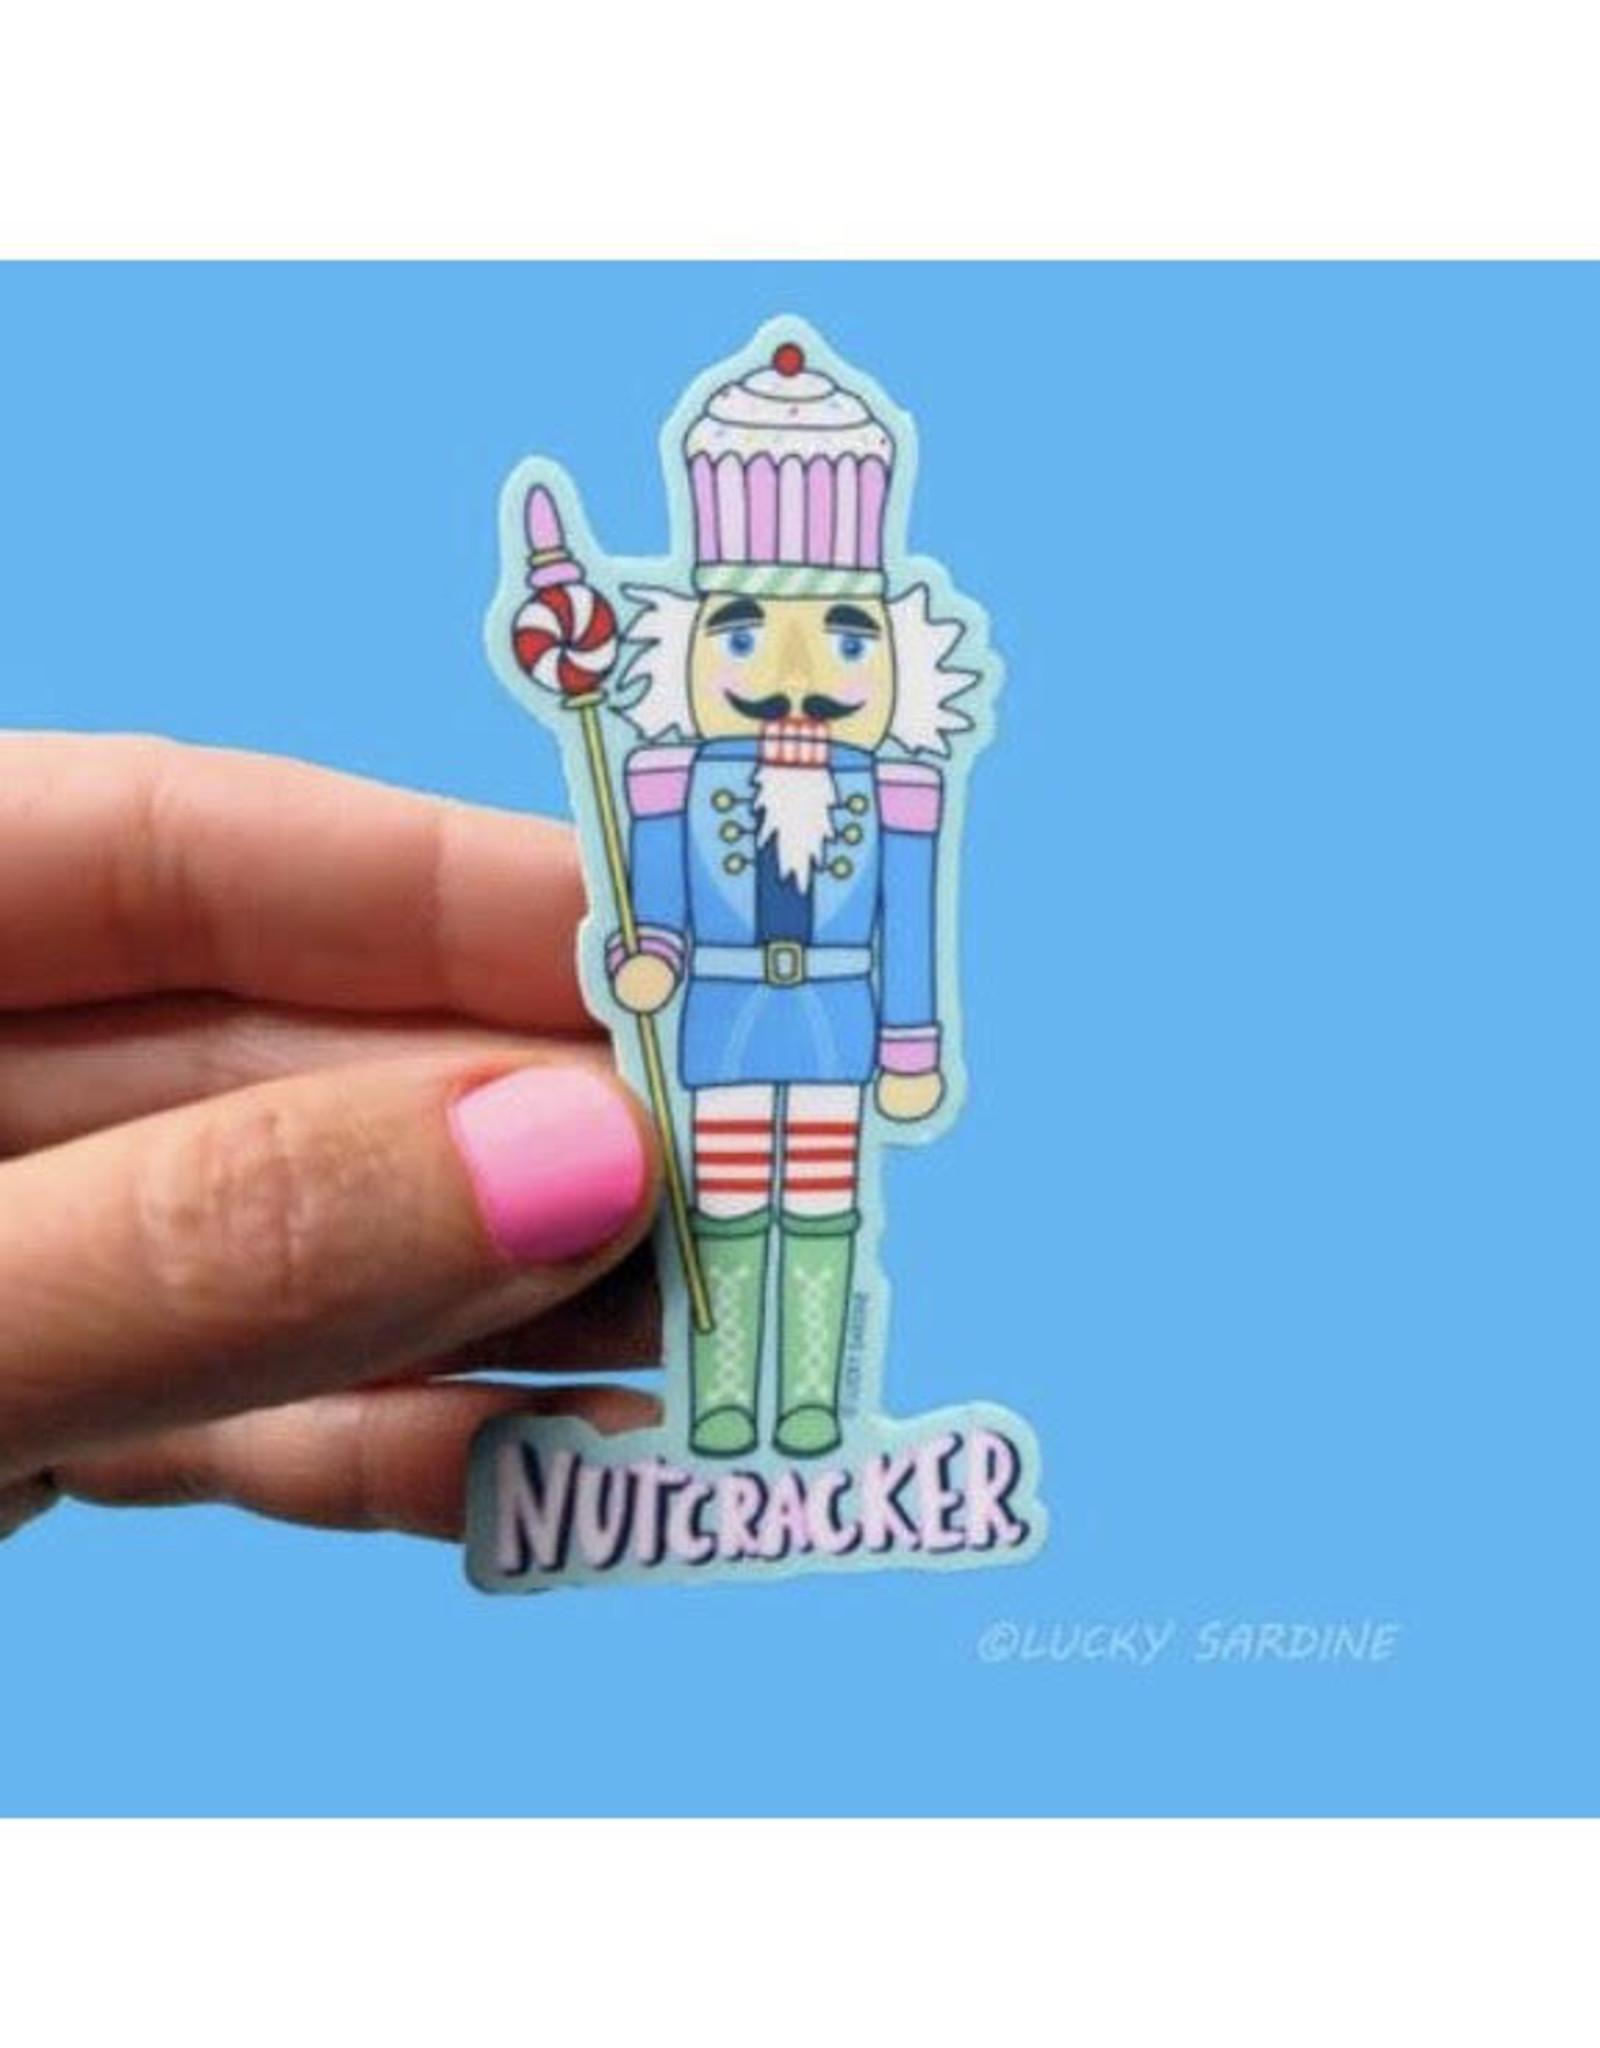 Lucky Sardine Nutcracker sticker